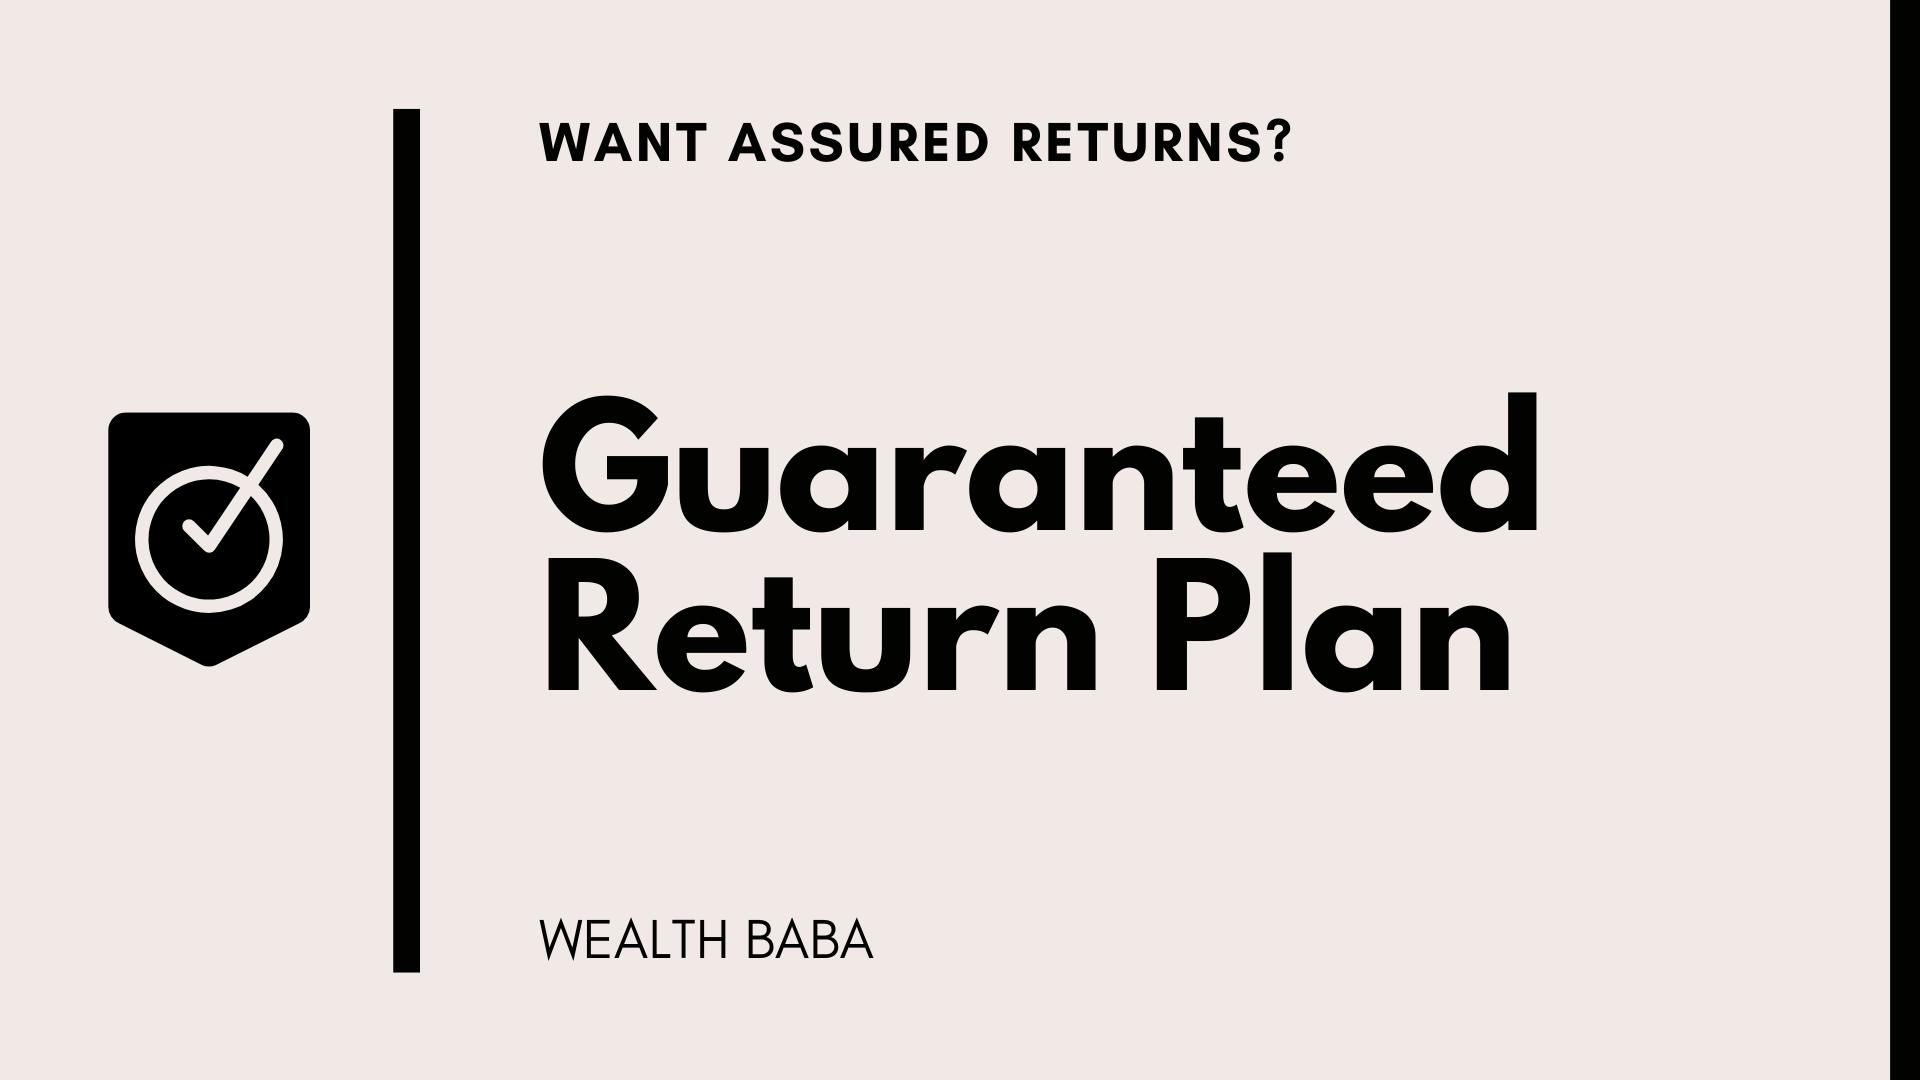 Guaranteed Return Plan